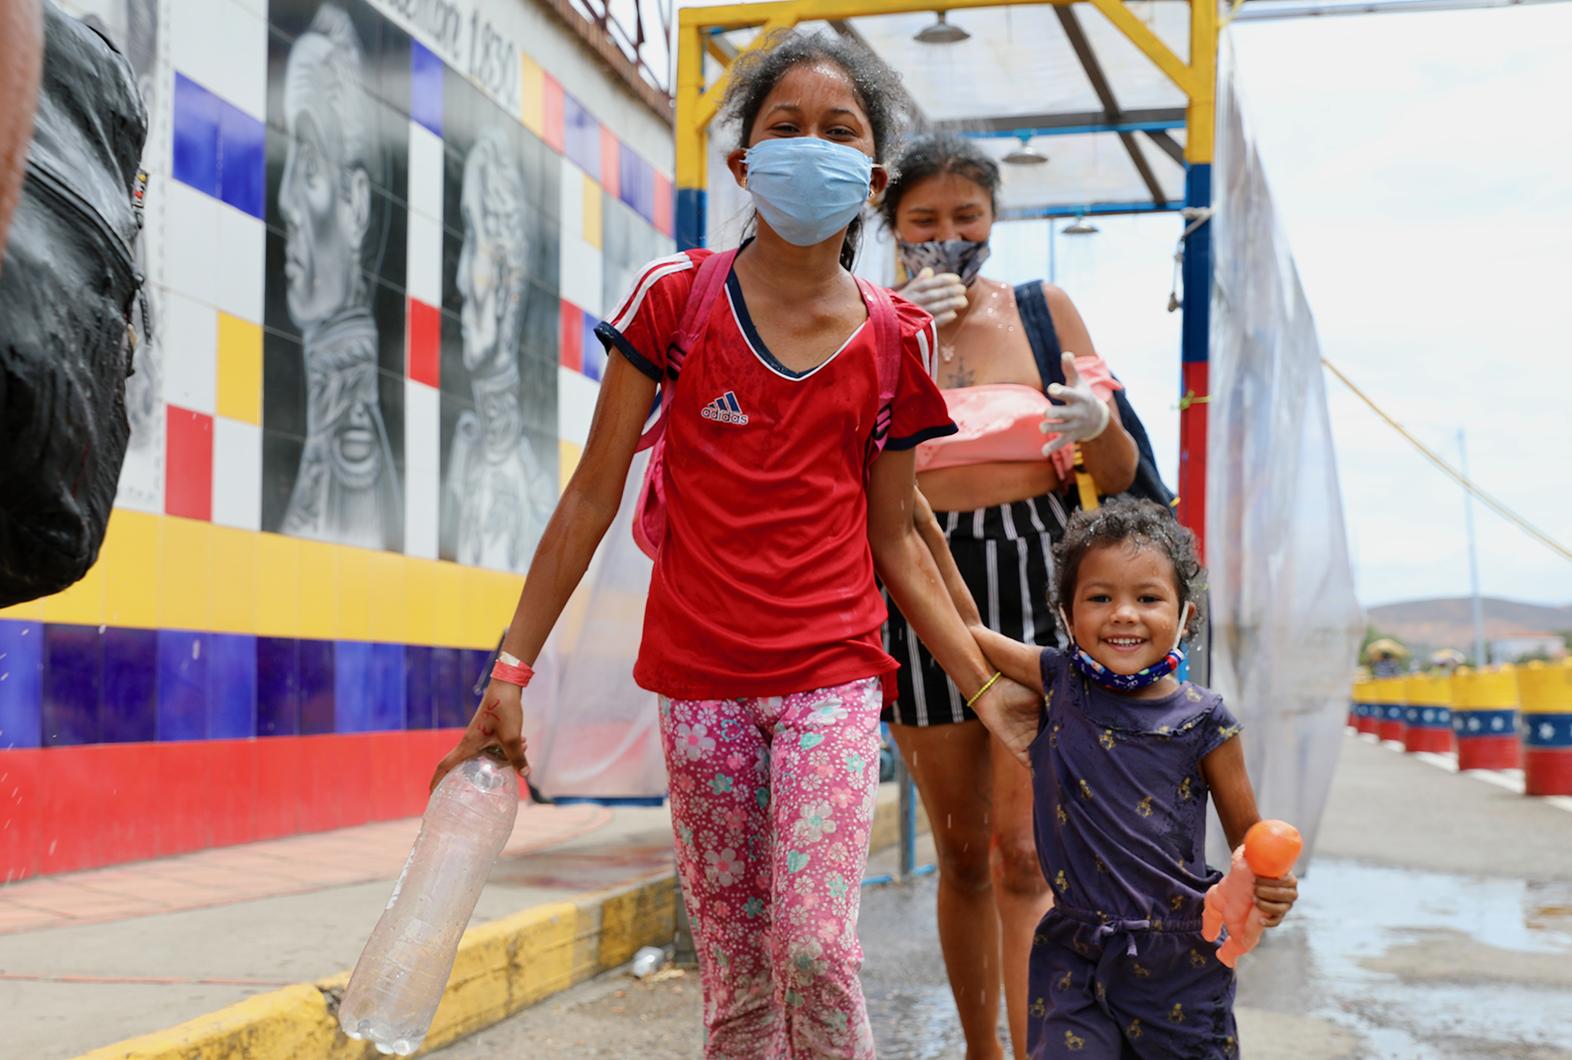 Personas retornadas en San Antonio de Táchira. Foto: OCHA/Gema Cortés